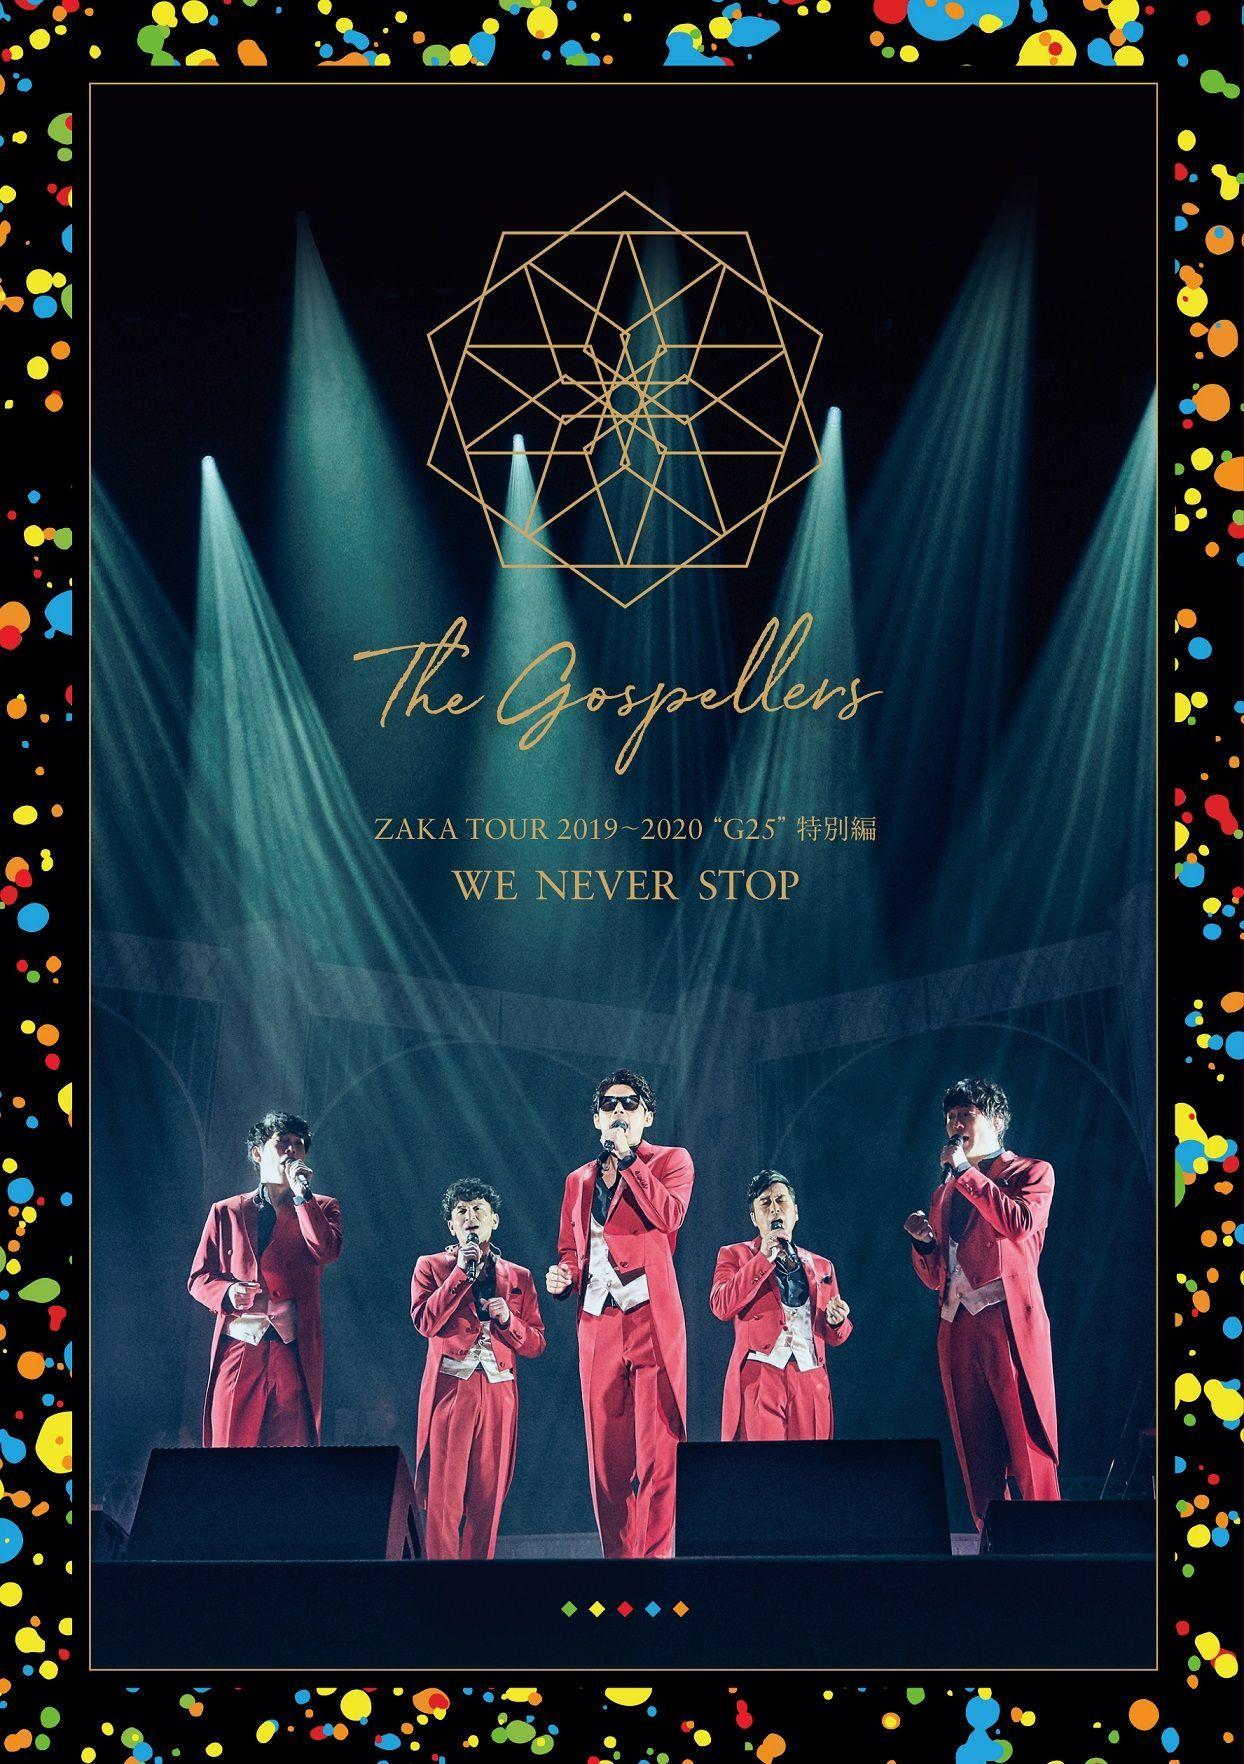 """DVD『ゴスペラーズ坂ツアー2019~2020 """"G25"""" 特別編 WE NEVER STOP』ジャケット"""